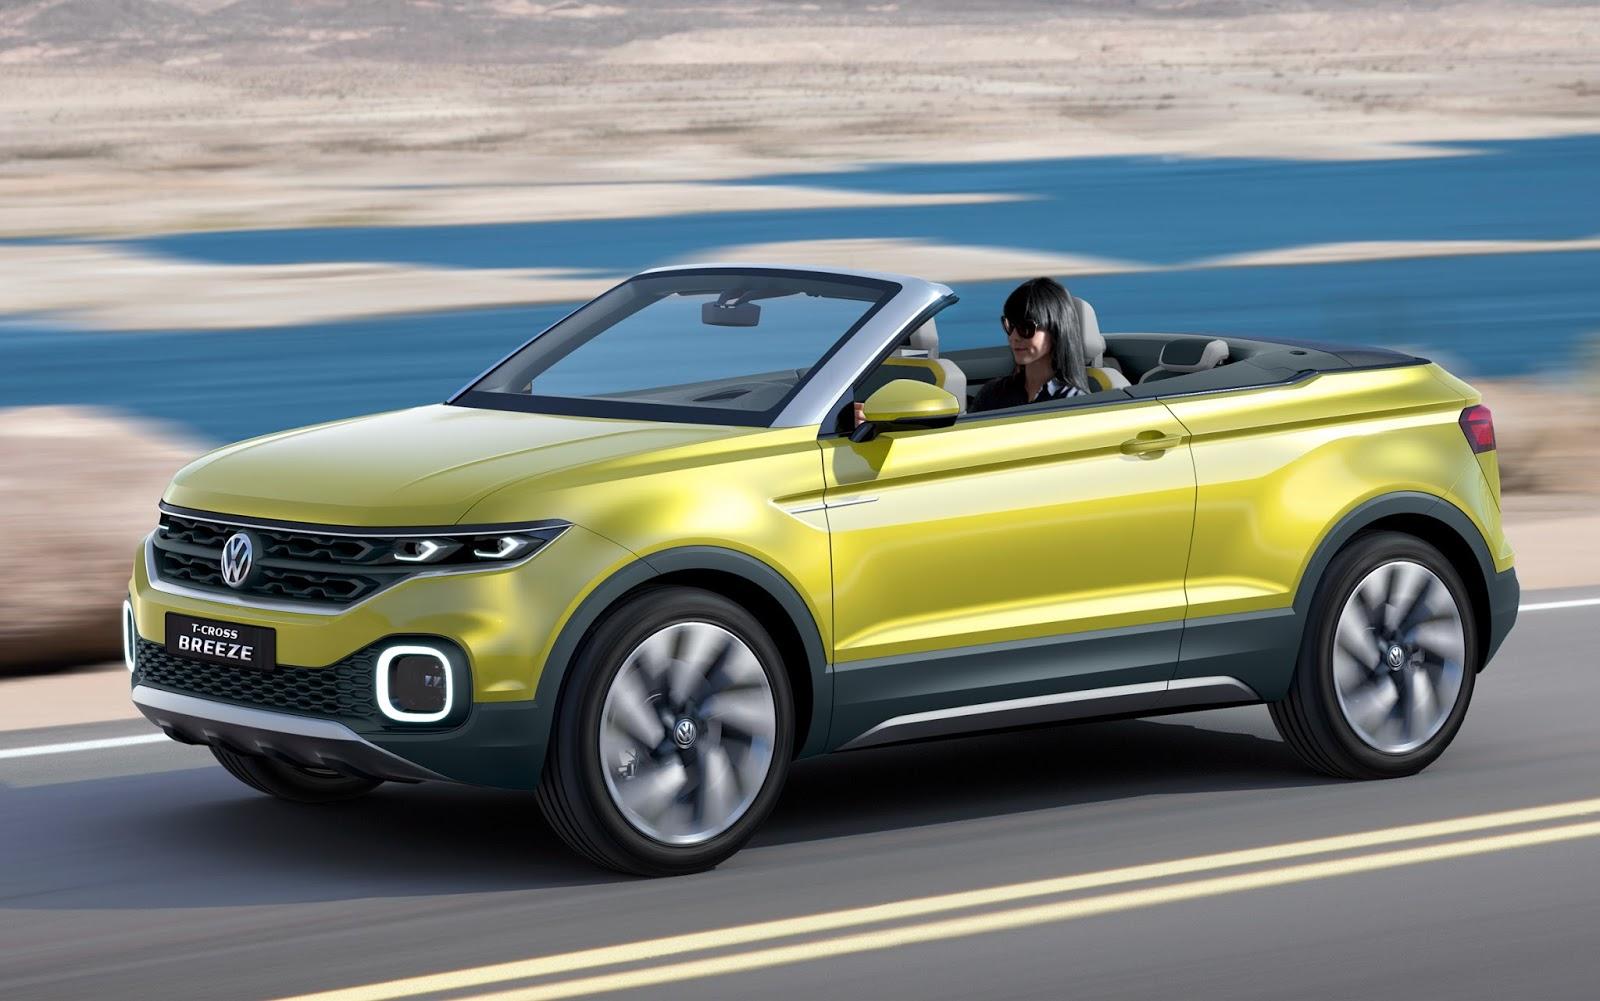 VW T-Cross Breeze 1